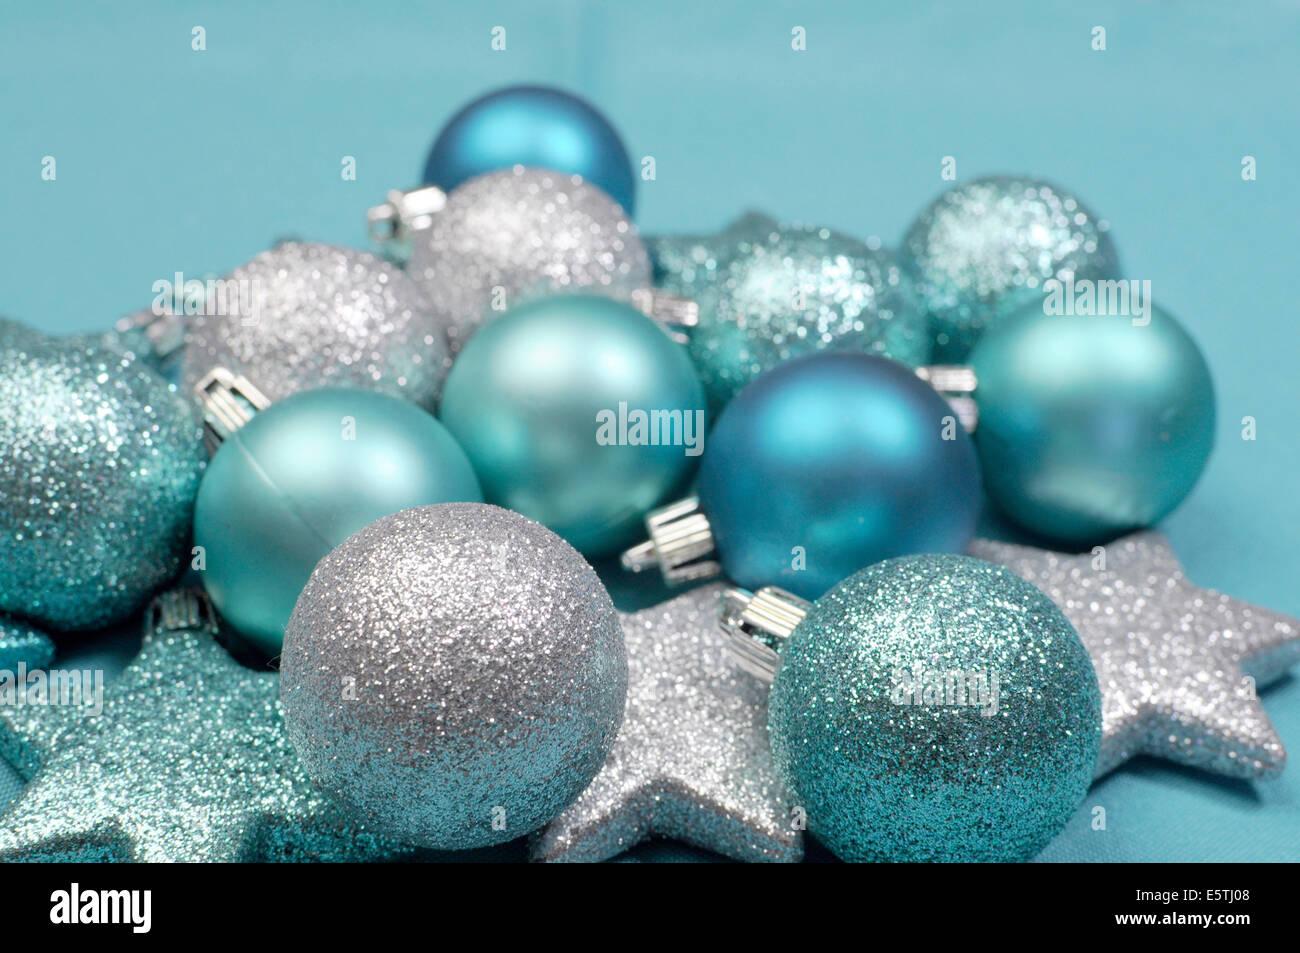 Material Christbaumkugeln.Festlichen Hintergrund Von Aqua Turkis Blass Blau Glitzer